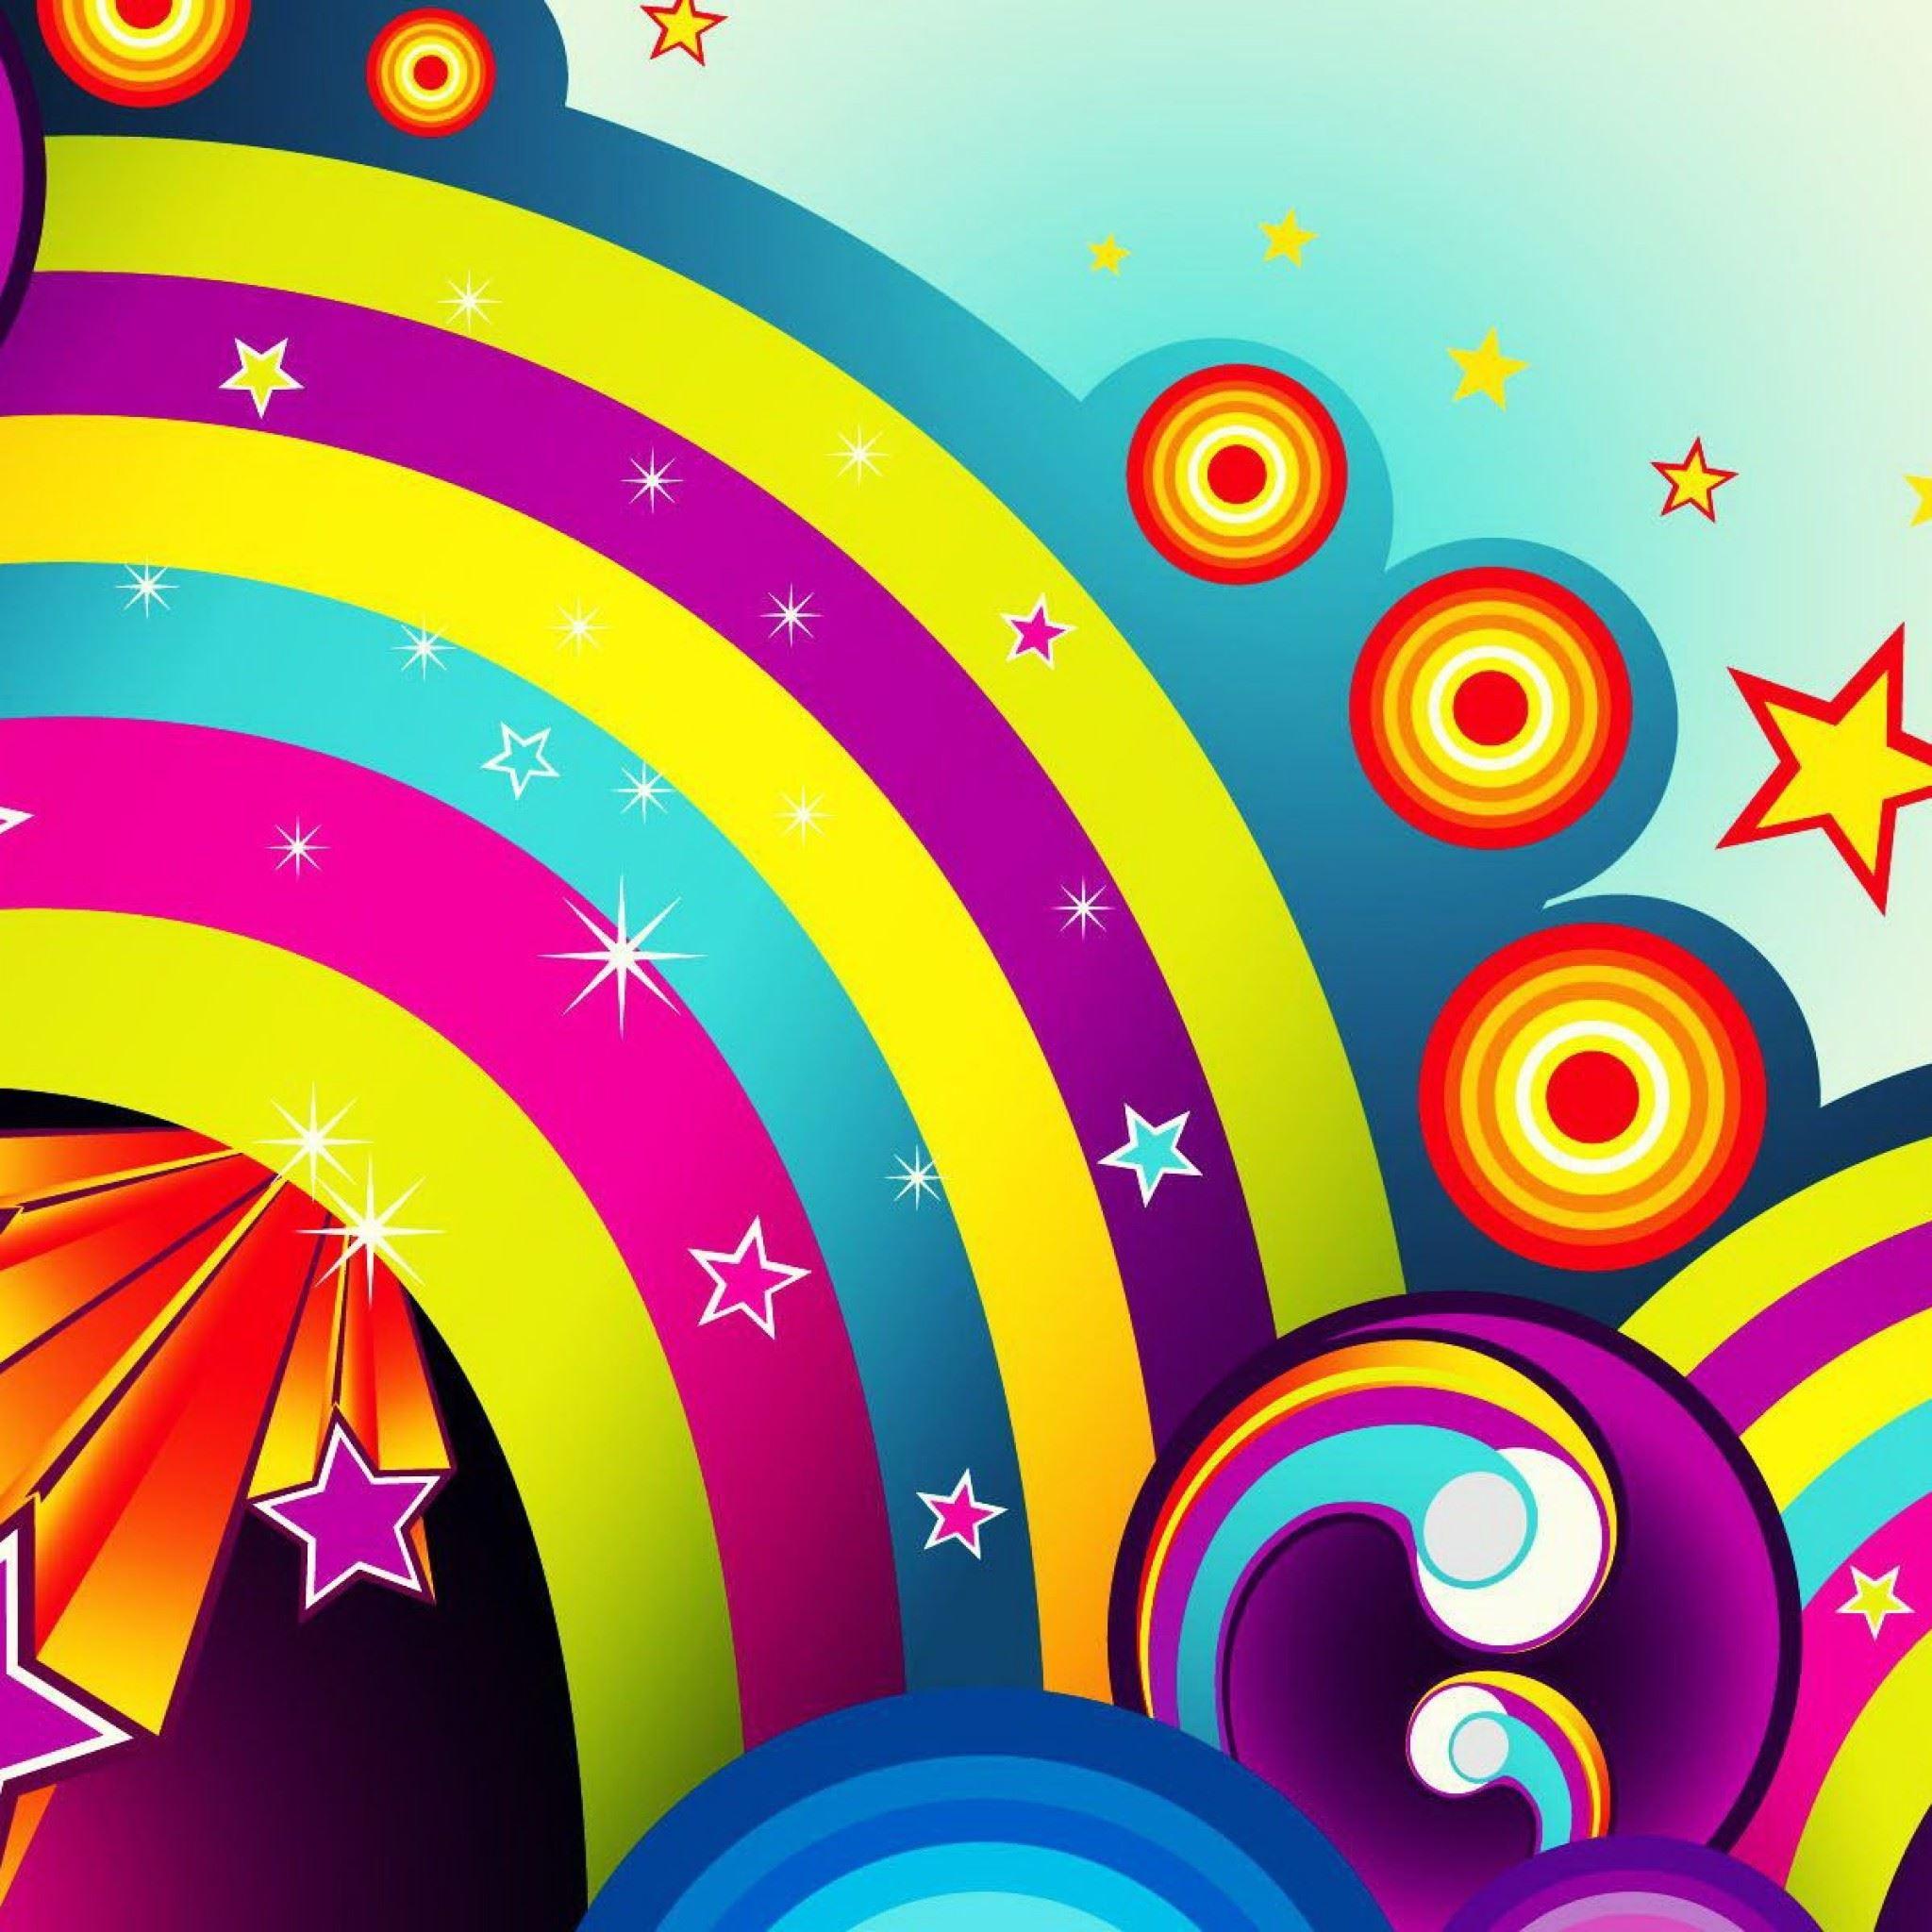 Apple Mac Magnificent Colors iPad 4 wallpaper ilikewallpaper com